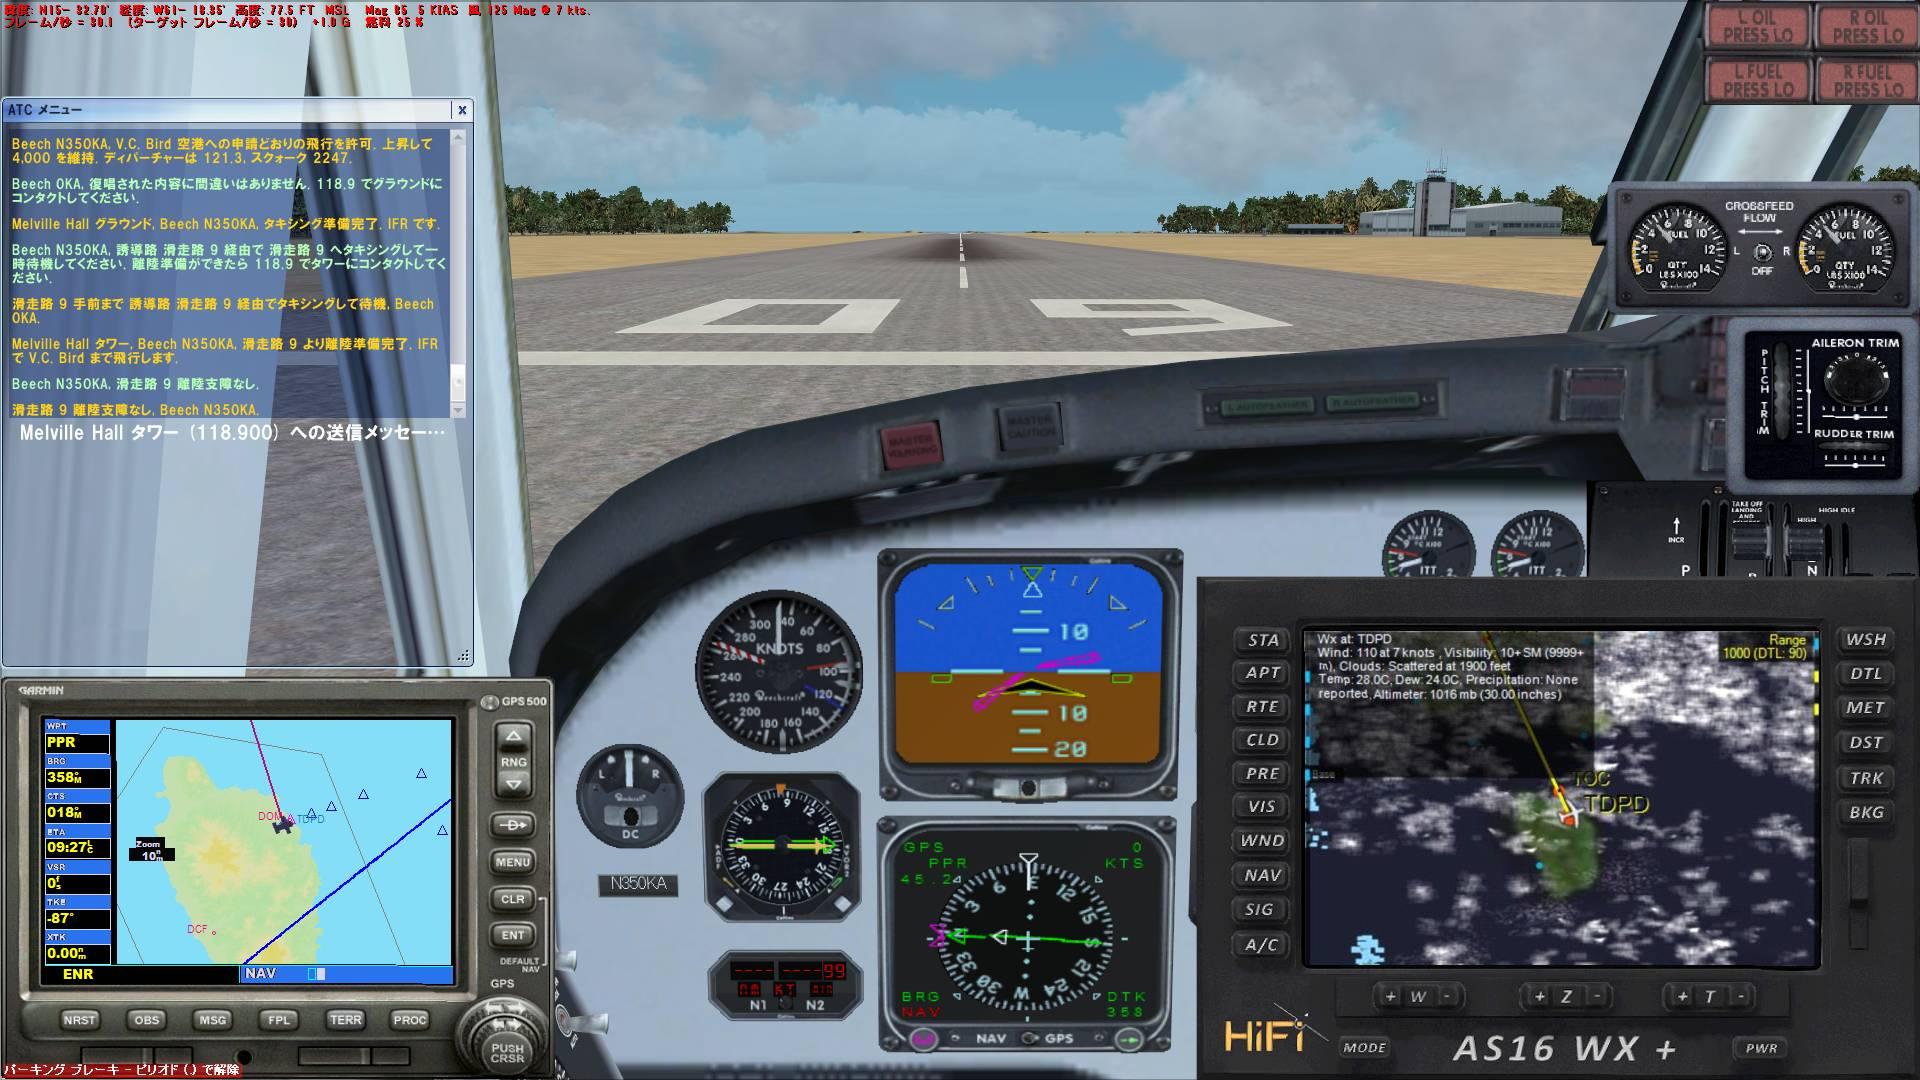 TDPD → TAPA VCバード国際空港 R...